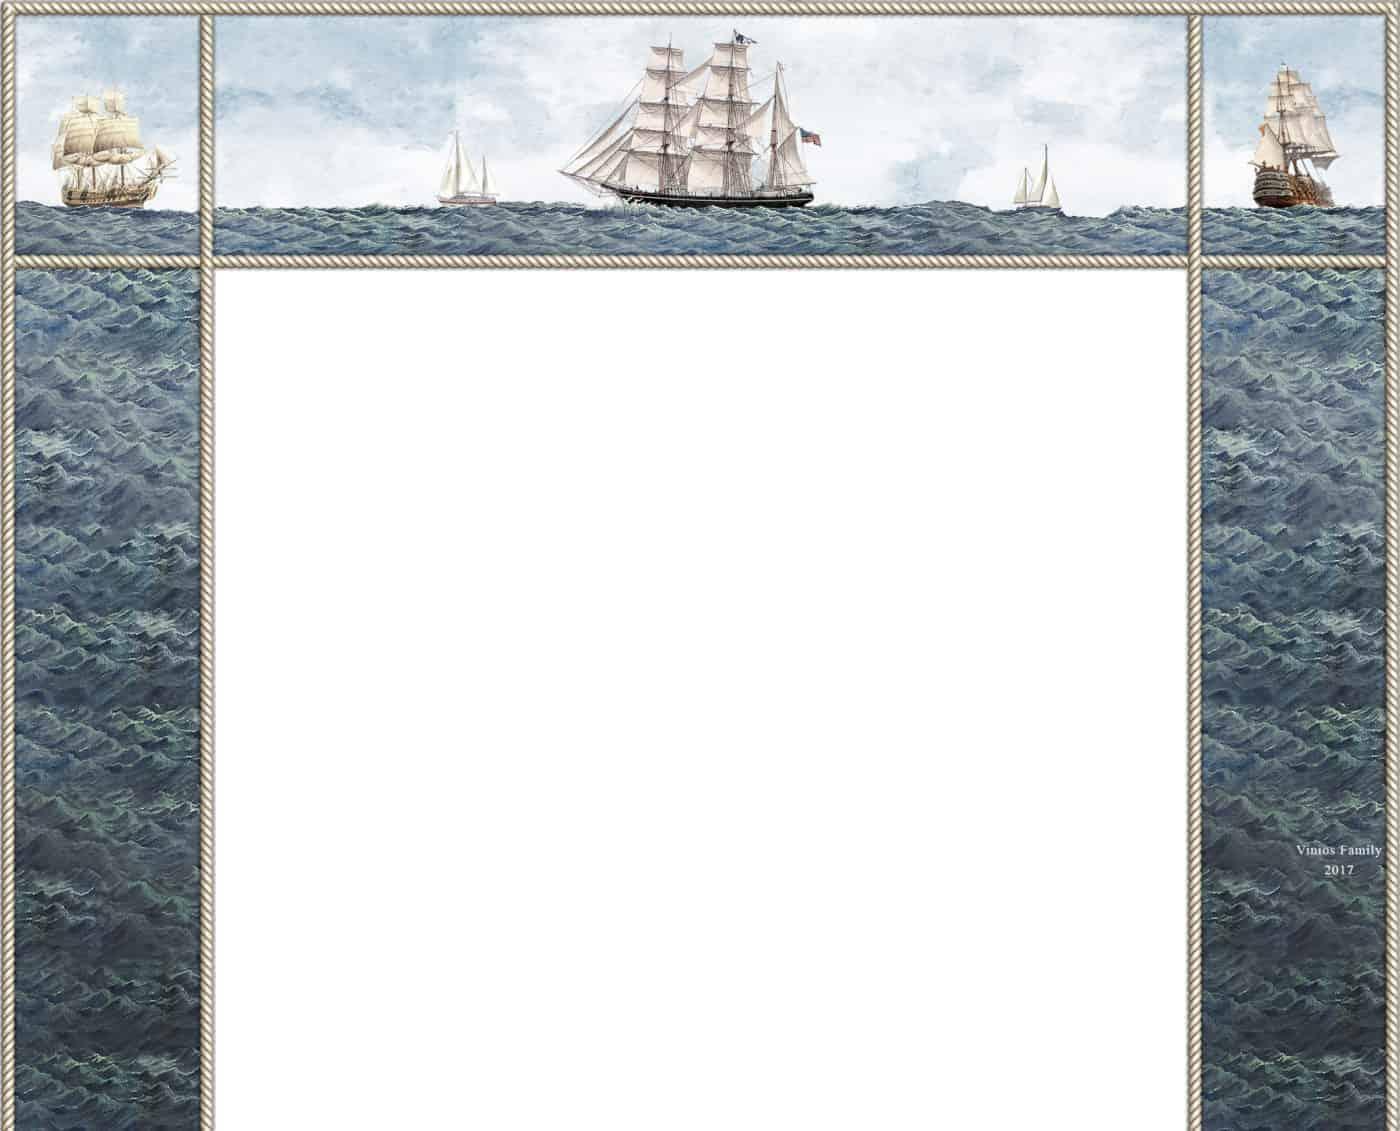 Nautical Fireplace Layout